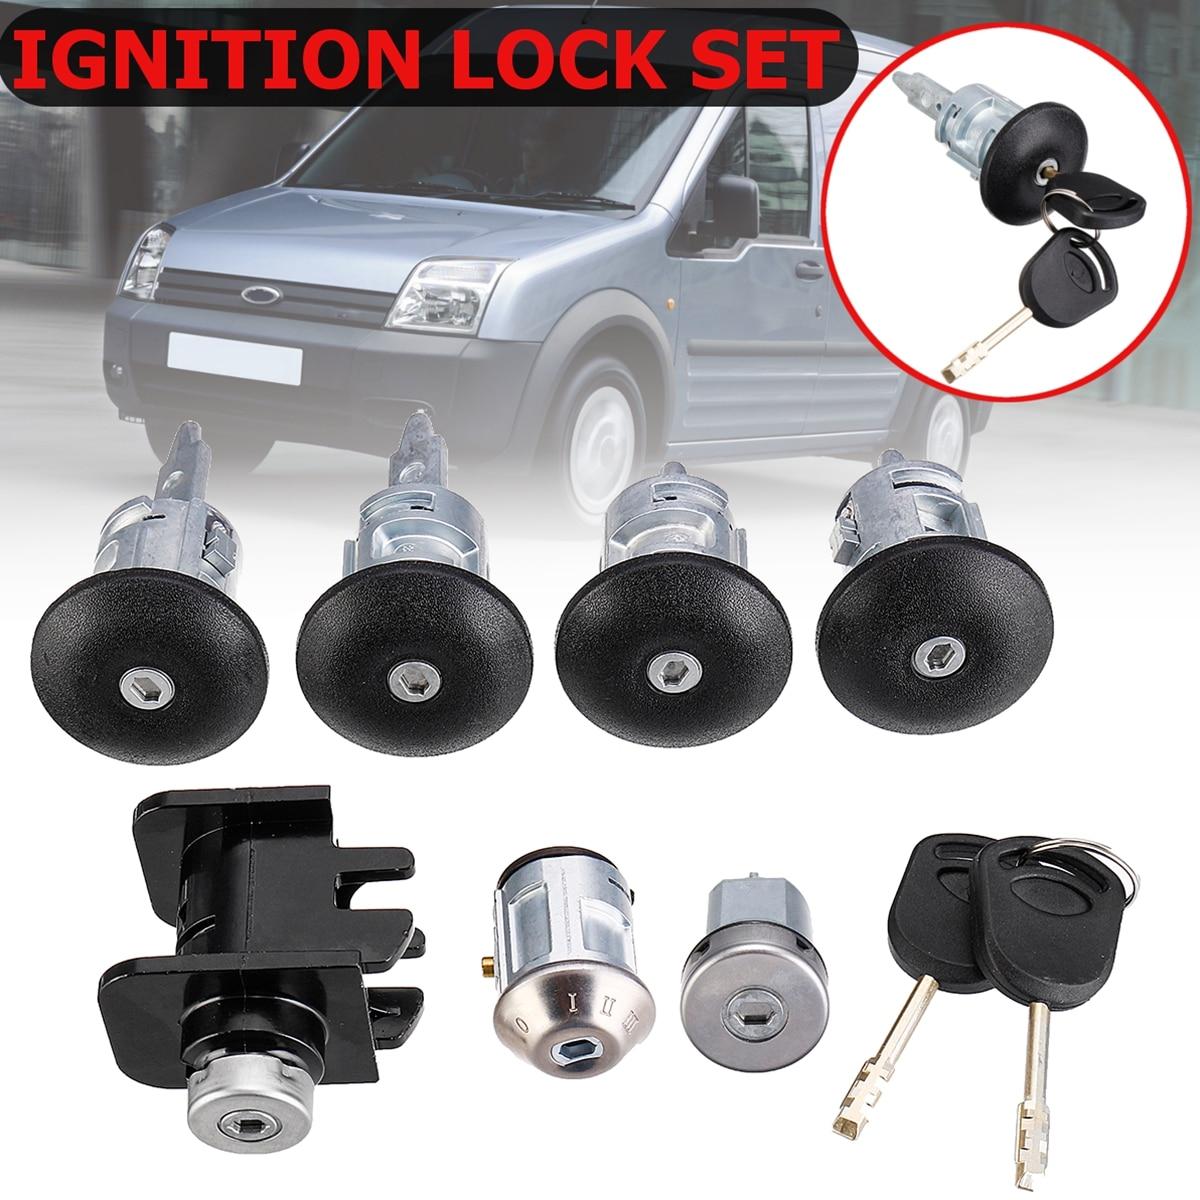 1Set Car Ignition Switch & Door Lock Barrel Set 2 Keys FOR FORD TRANSIT Mk6 Lock 2000 2001 2002 2003-2006 4359018 1C1A-V22050-BA1Set Car Ignition Switch & Door Lock Barrel Set 2 Keys FOR FORD TRANSIT Mk6 Lock 2000 2001 2002 2003-2006 4359018 1C1A-V22050-BA